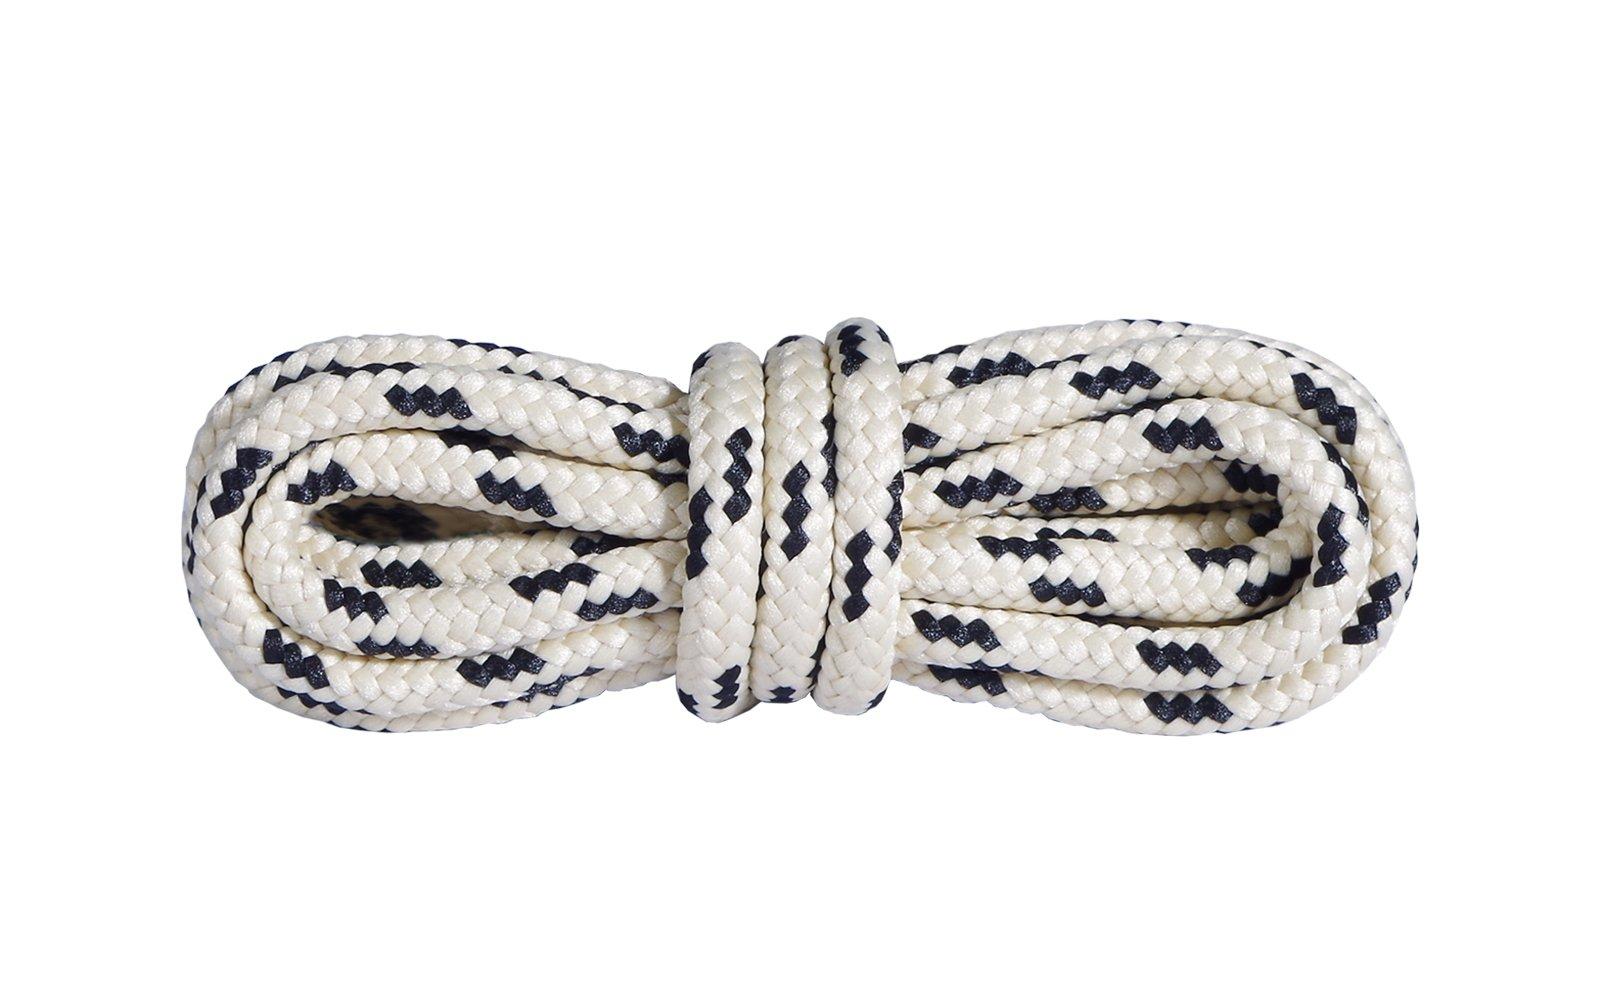 Шнурки для взуття Mountval Laces 180 см, Колір шнурків: Бежевий з чорним, image